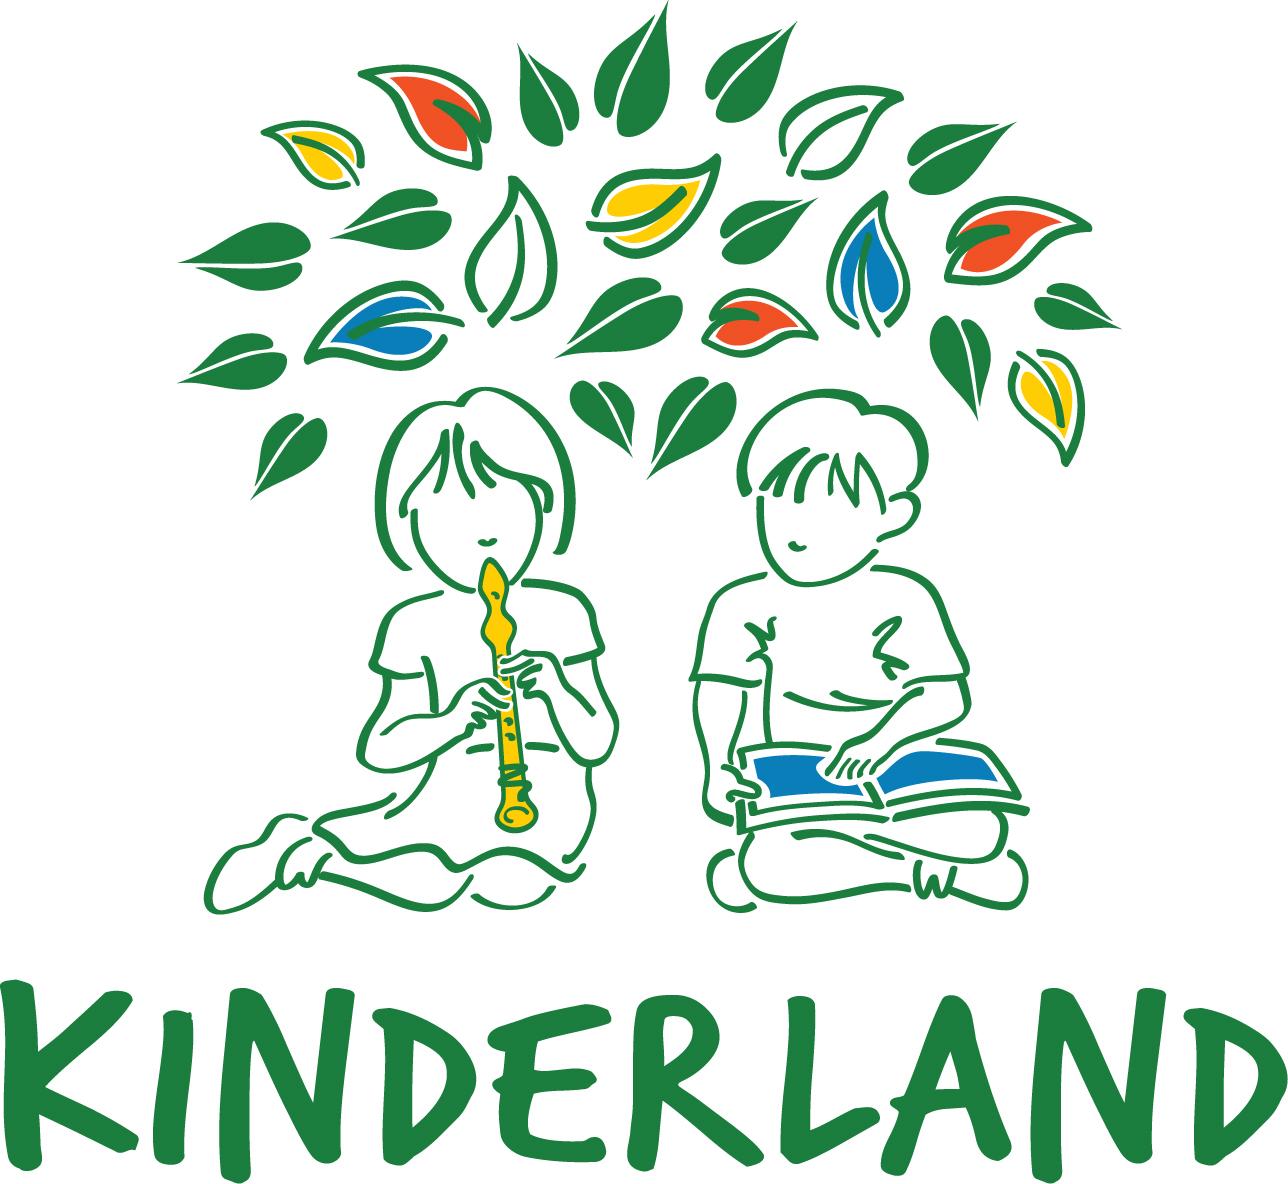 The-Refreshed-kinderland-logo